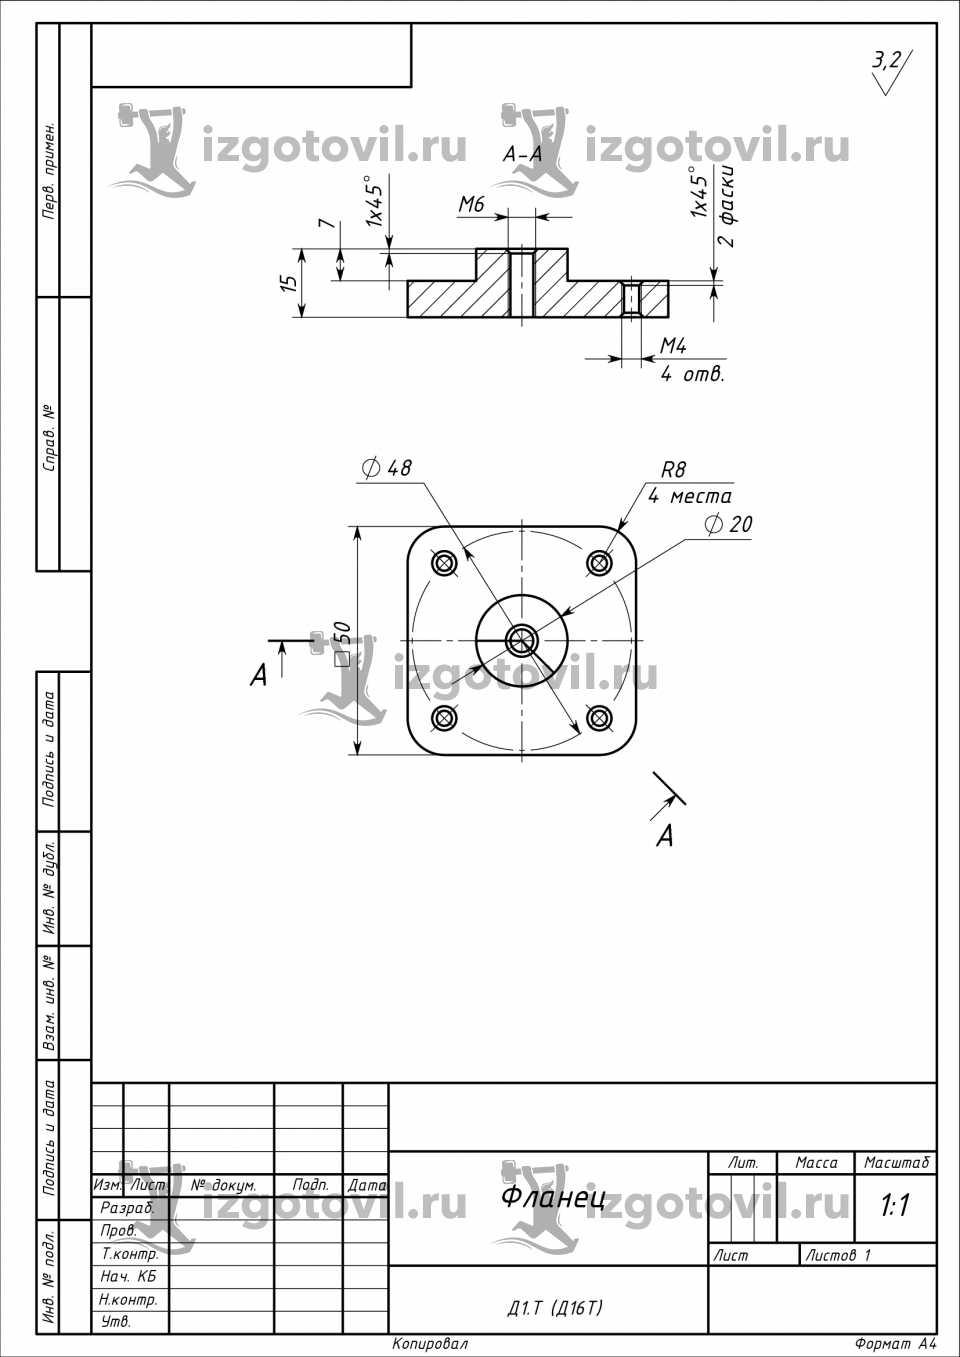 Токарная обработка ЧПУ-изготовление фланцев